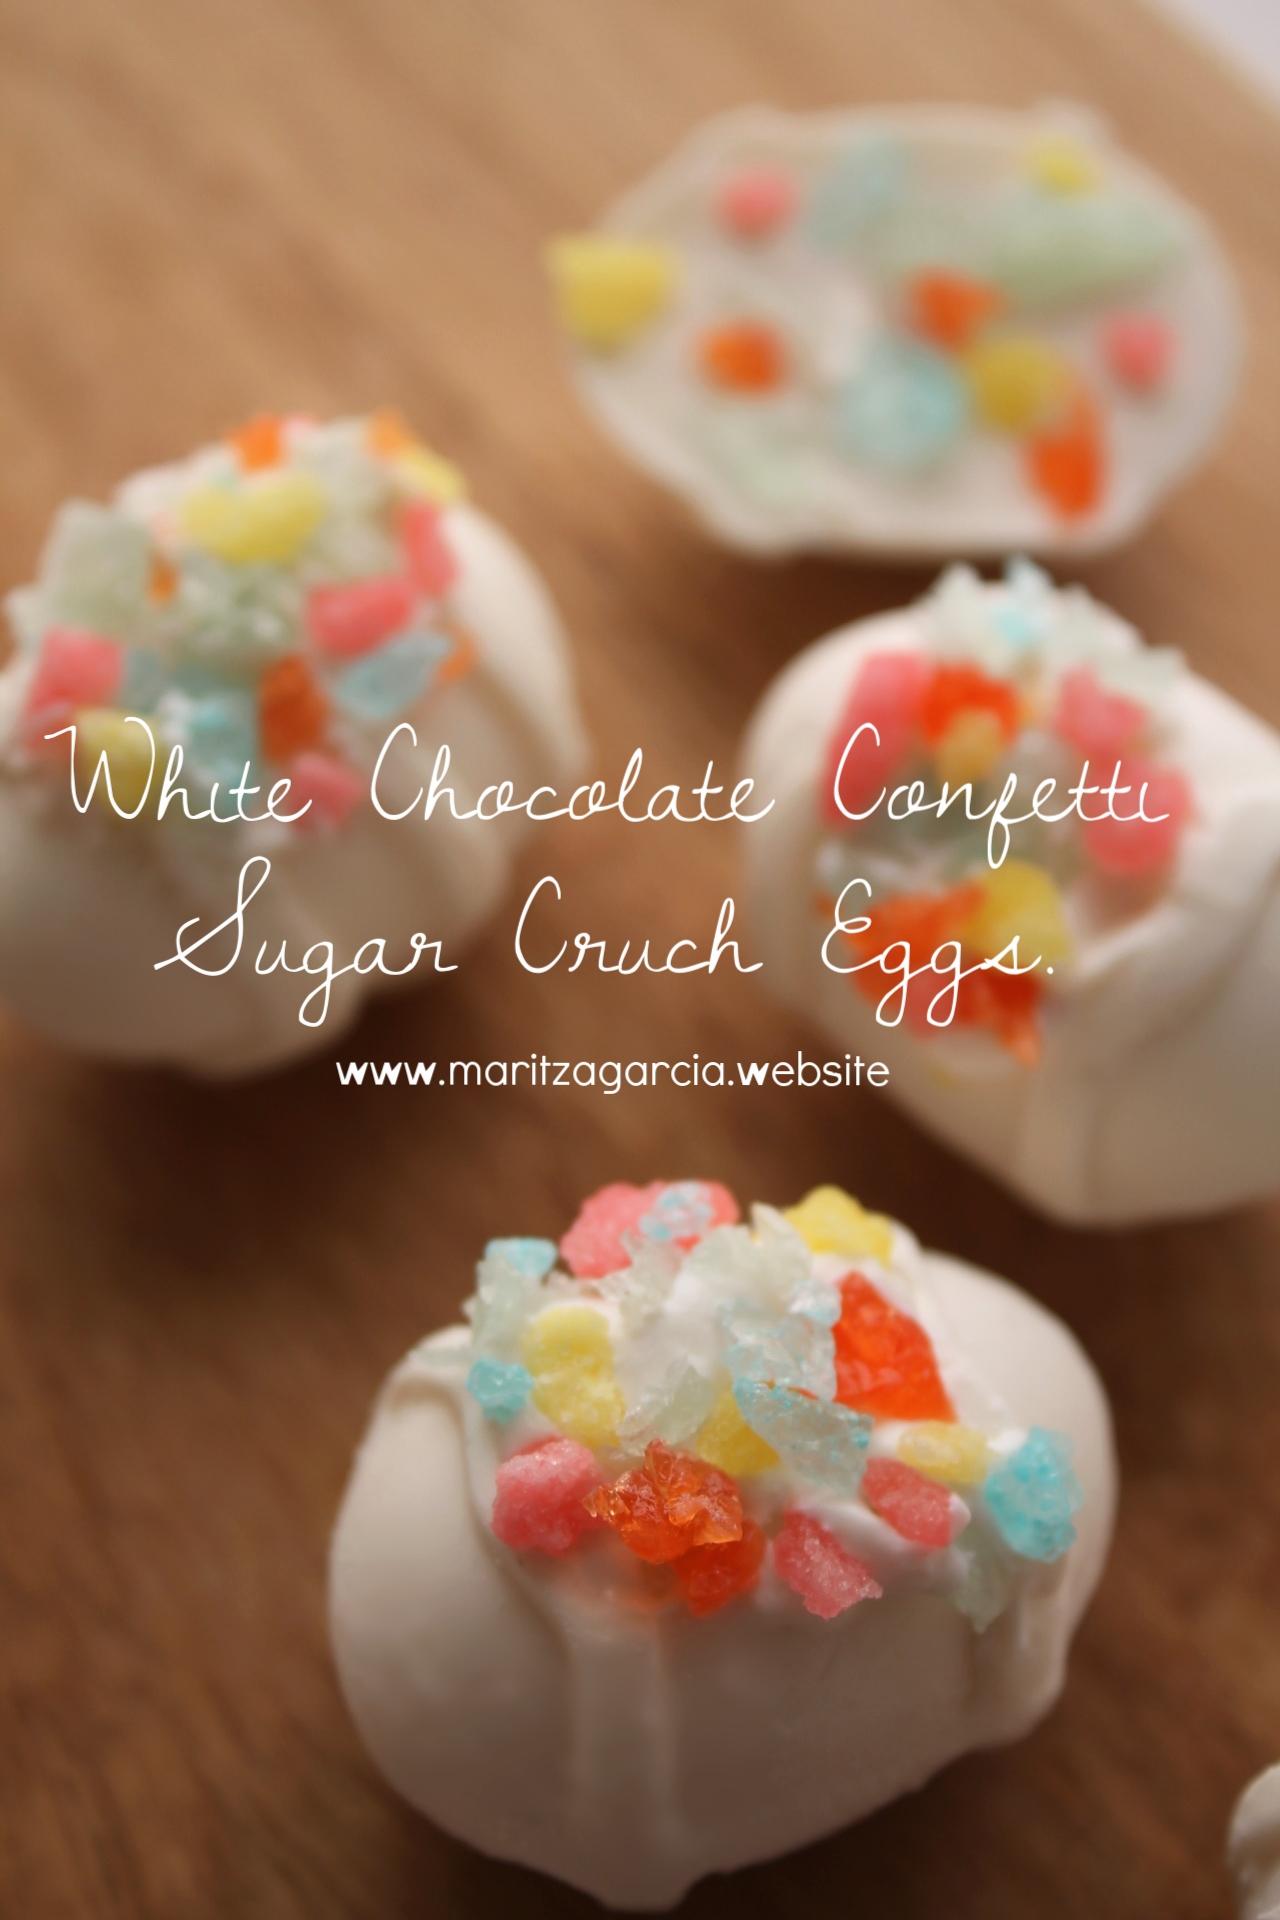 White Chocolate Confetti Sugar Crunch Eggs.